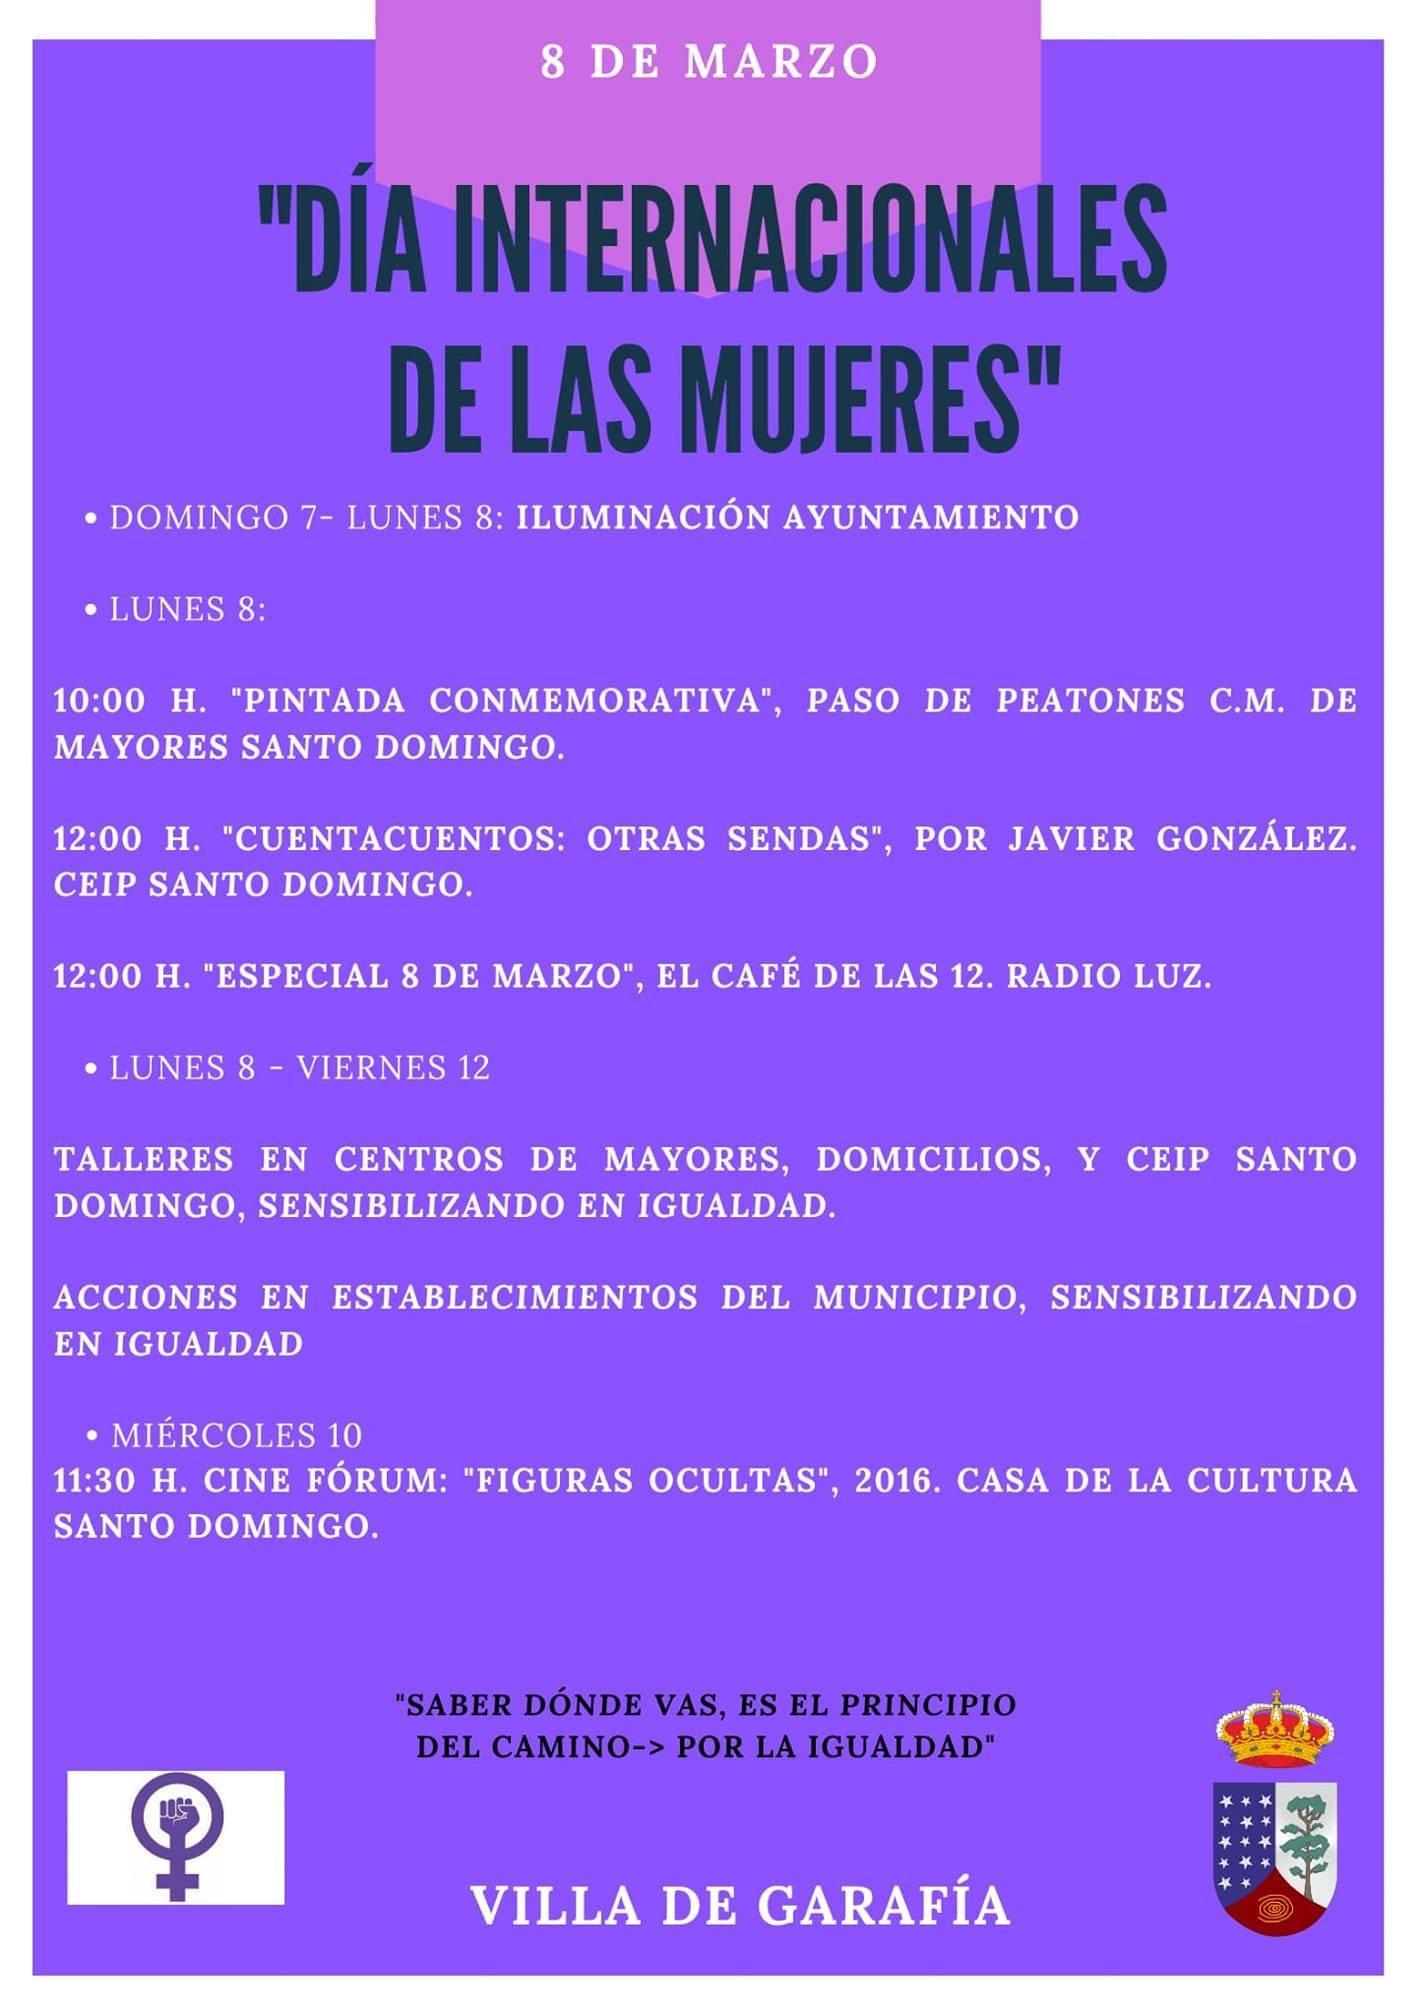 Día Internacional de la Mujer (2021) - Garafía (Santa Cruz de Tenerife)